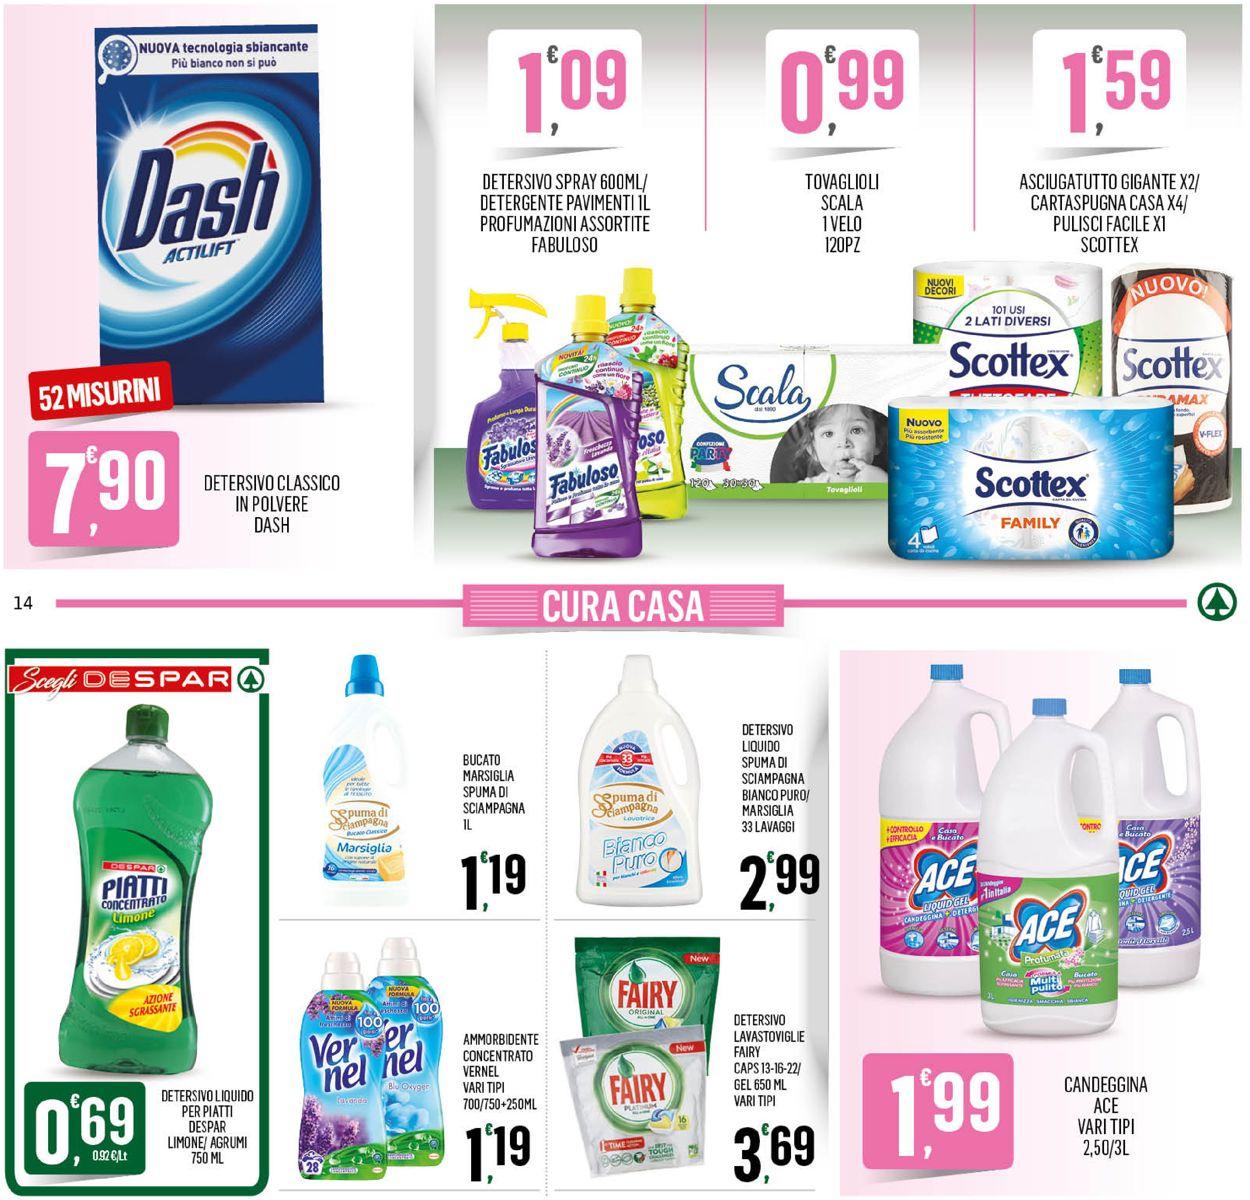 Volantino Despar - Offerte 28/10-08/11/2020 (Pagina 14)